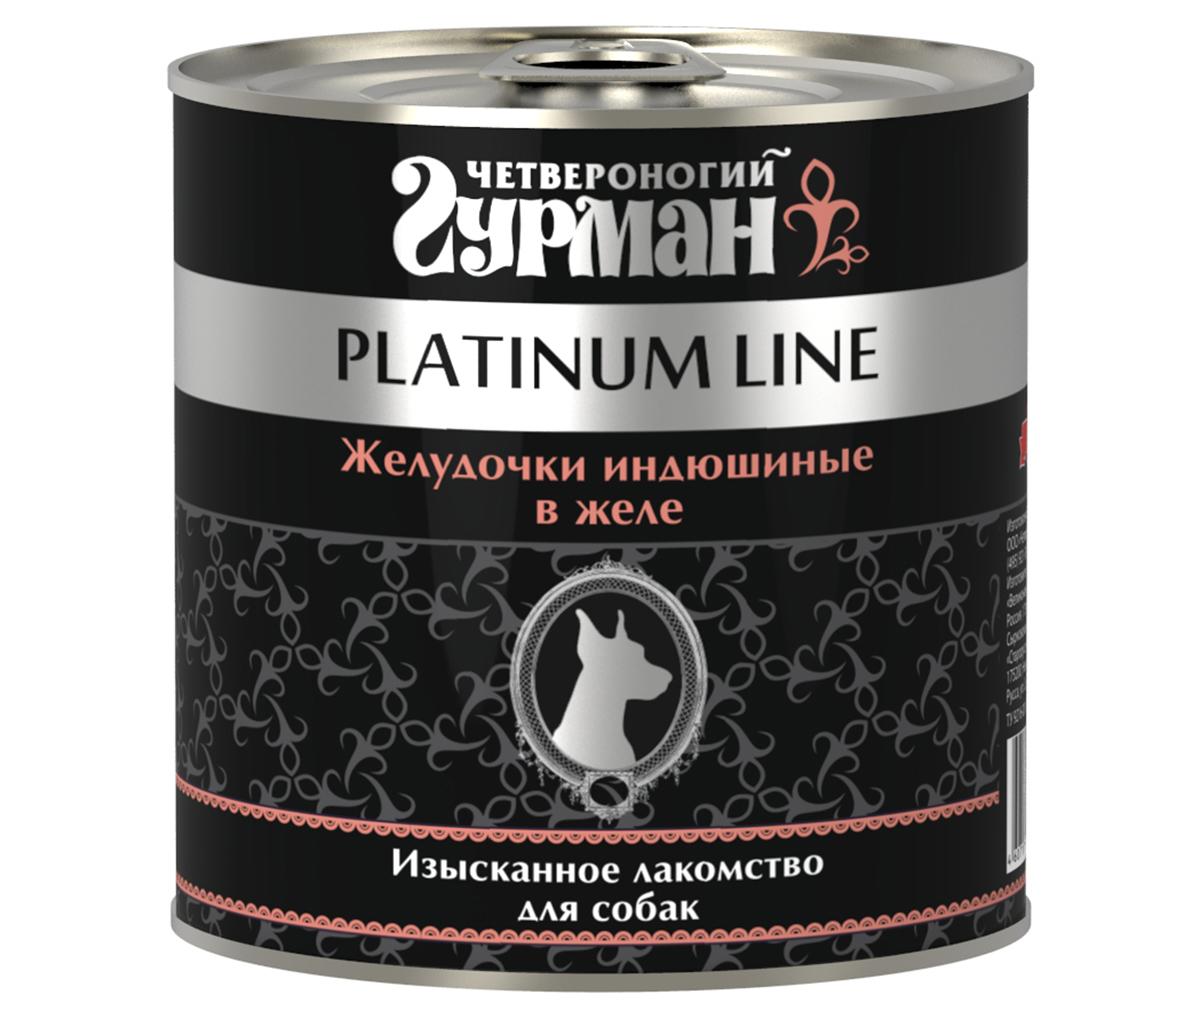 Консервы для собак Четвероногий Гурман, с индюшиными желудочками в желе, 240 г37281Консервы для собак Четвероногий Гурман серии Platinum Line представляют собой лакомства в виде мясных субпродуктов. Каждый вид продукции содержит только один или два вида субпродуктов, указанных в названии. Это приятное дополнение к основному рациону собак. Консервы изготовлены только из нарезанных индюшиных желудочков. Индюшиные желудочки - диетический продукт. Отличаются низким содержанием жиров и углеводов. Продукт богат витаминами группы В, PP, С и E. Содержит железо, фосфор, калий, кальций и цинк. Корм производится по новейшей технологии на современном оборудовании, что позволяет строго следить за его качеством. Специальная щадящая технология обработки компонентов позволяет сохранить максимальное количество витаминов, микроэлементов и питательных веществ, необходимых любой собаке. Корм производится из высококачественного натурального мяса, без добавления сои, ароматизаторов и красителей, имеет отличный вкус и привлекательный аромат....